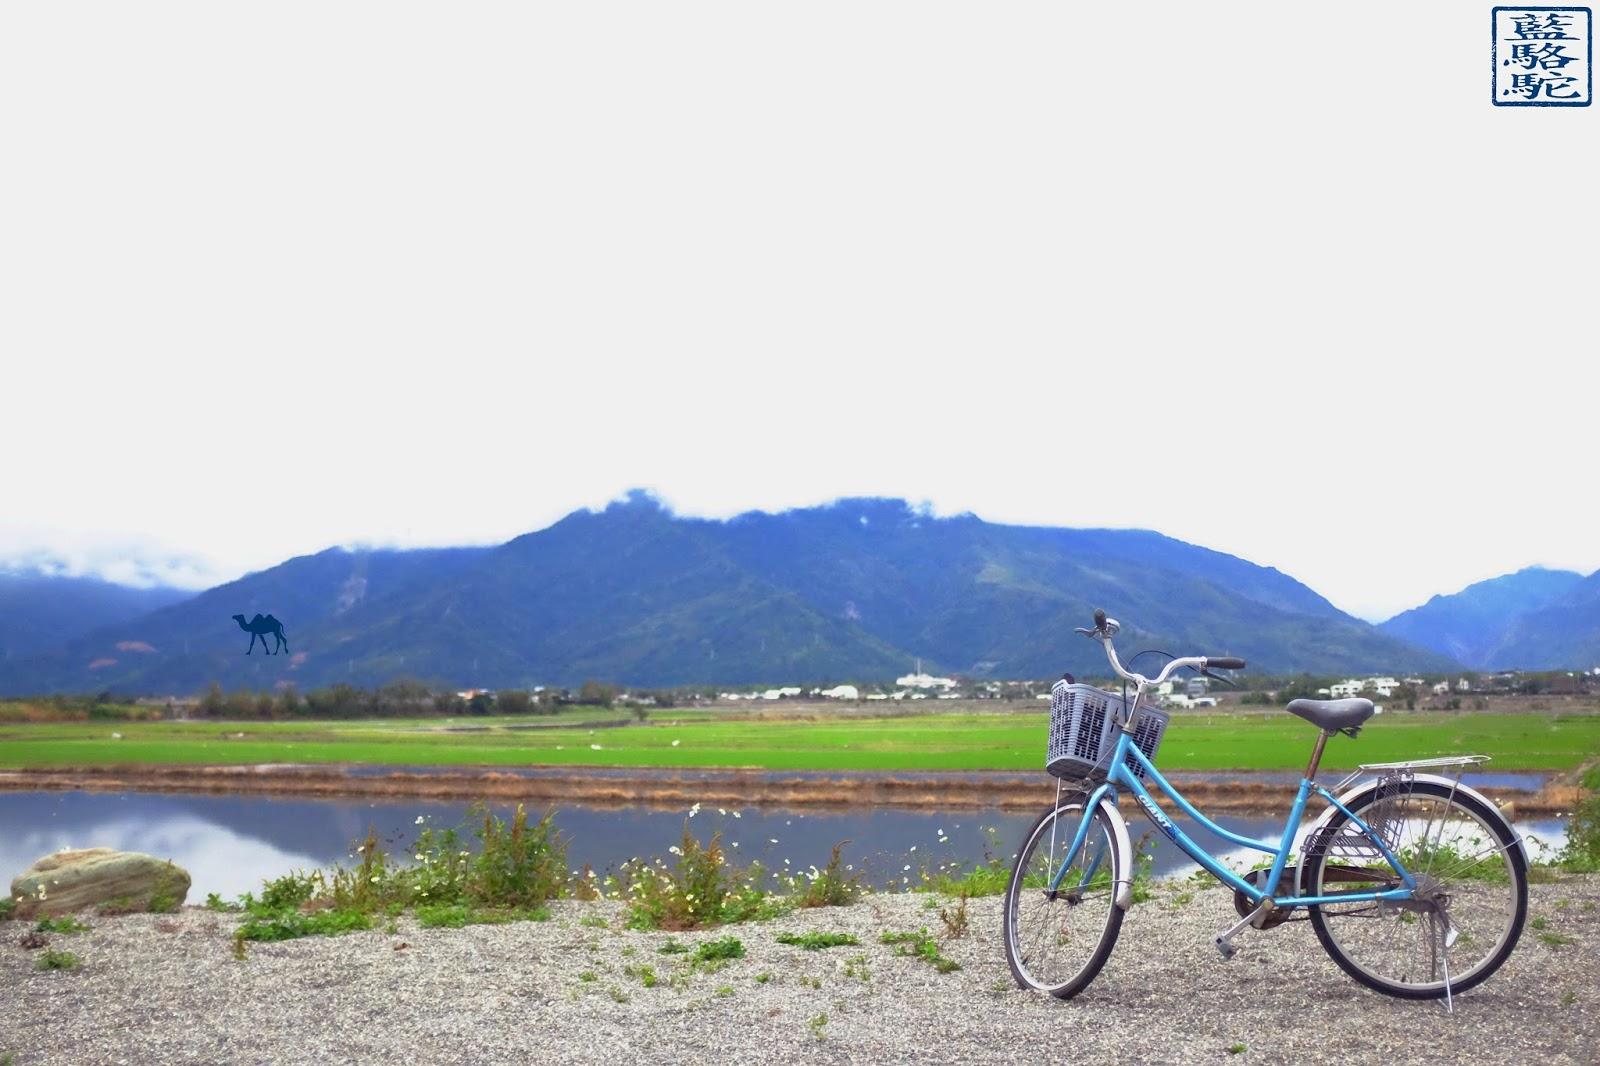 Le Chameau Bleu - Taiwa voyage - Promenade en vélo